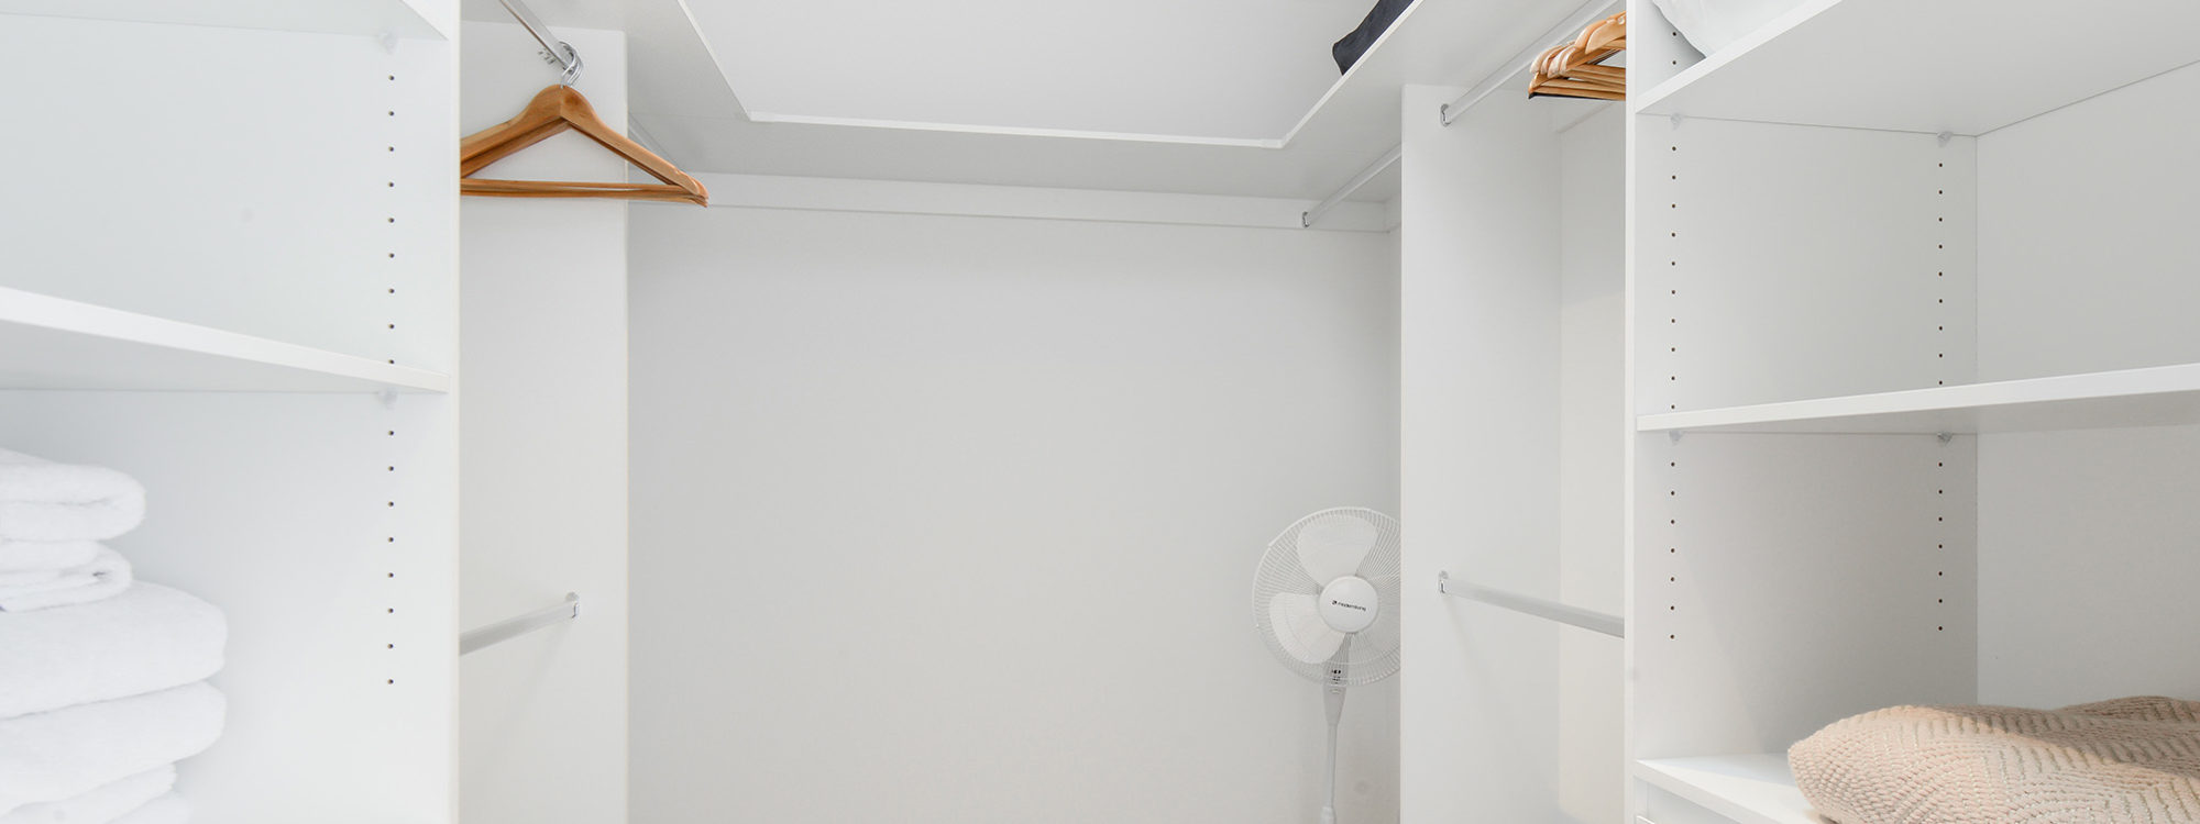 Murrumbeena Place 1 - Murrumbeena - Walk-in Closet